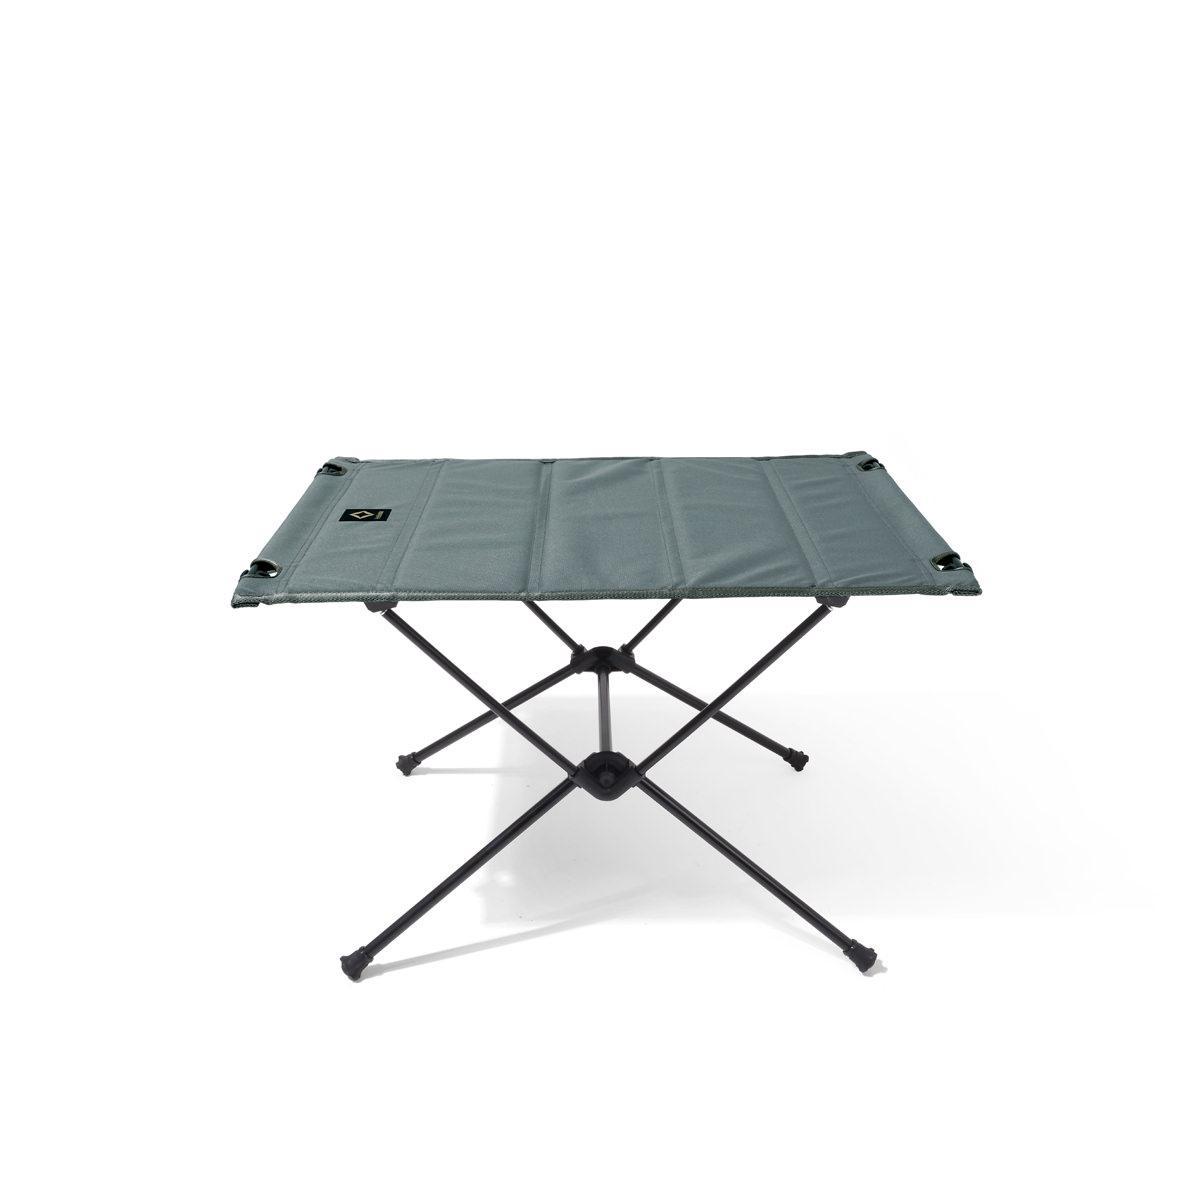 Helinox(ヘリノックス)/タクティカル テーブル M / フォリッジ